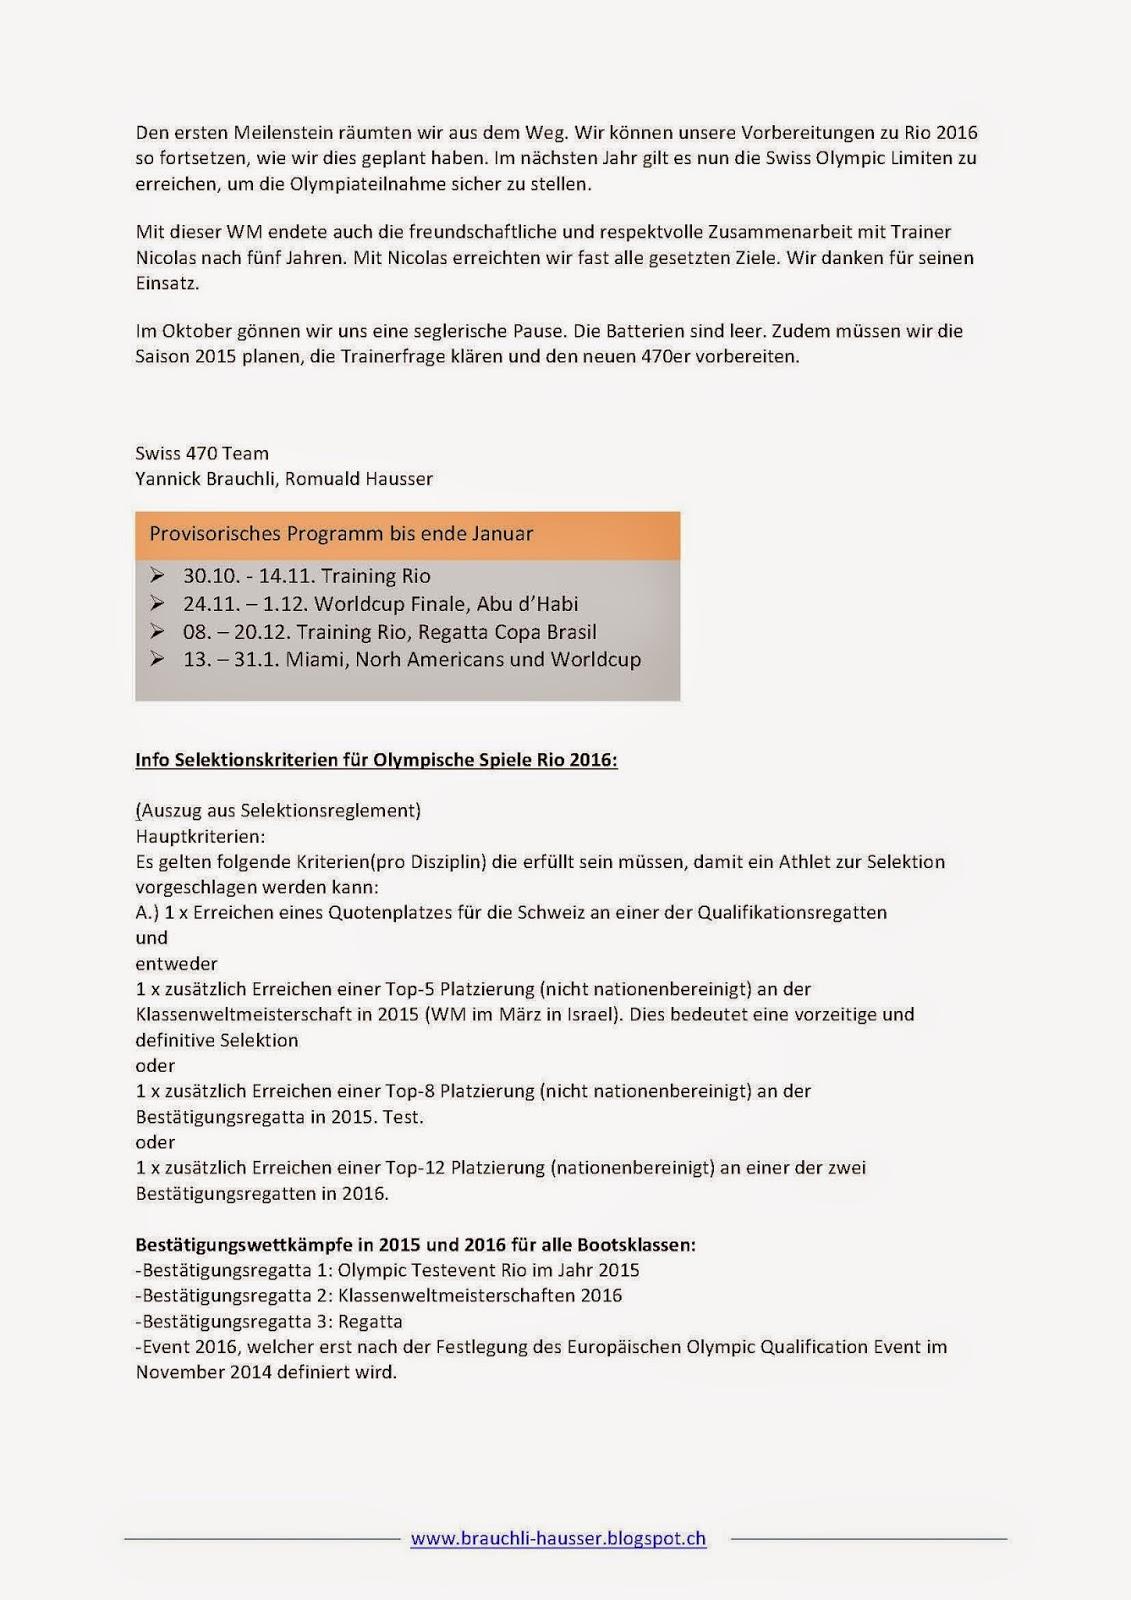 Nett Verkaufsposition Ziel Fortsetzen Zeitgenössisch - Entry Level ...